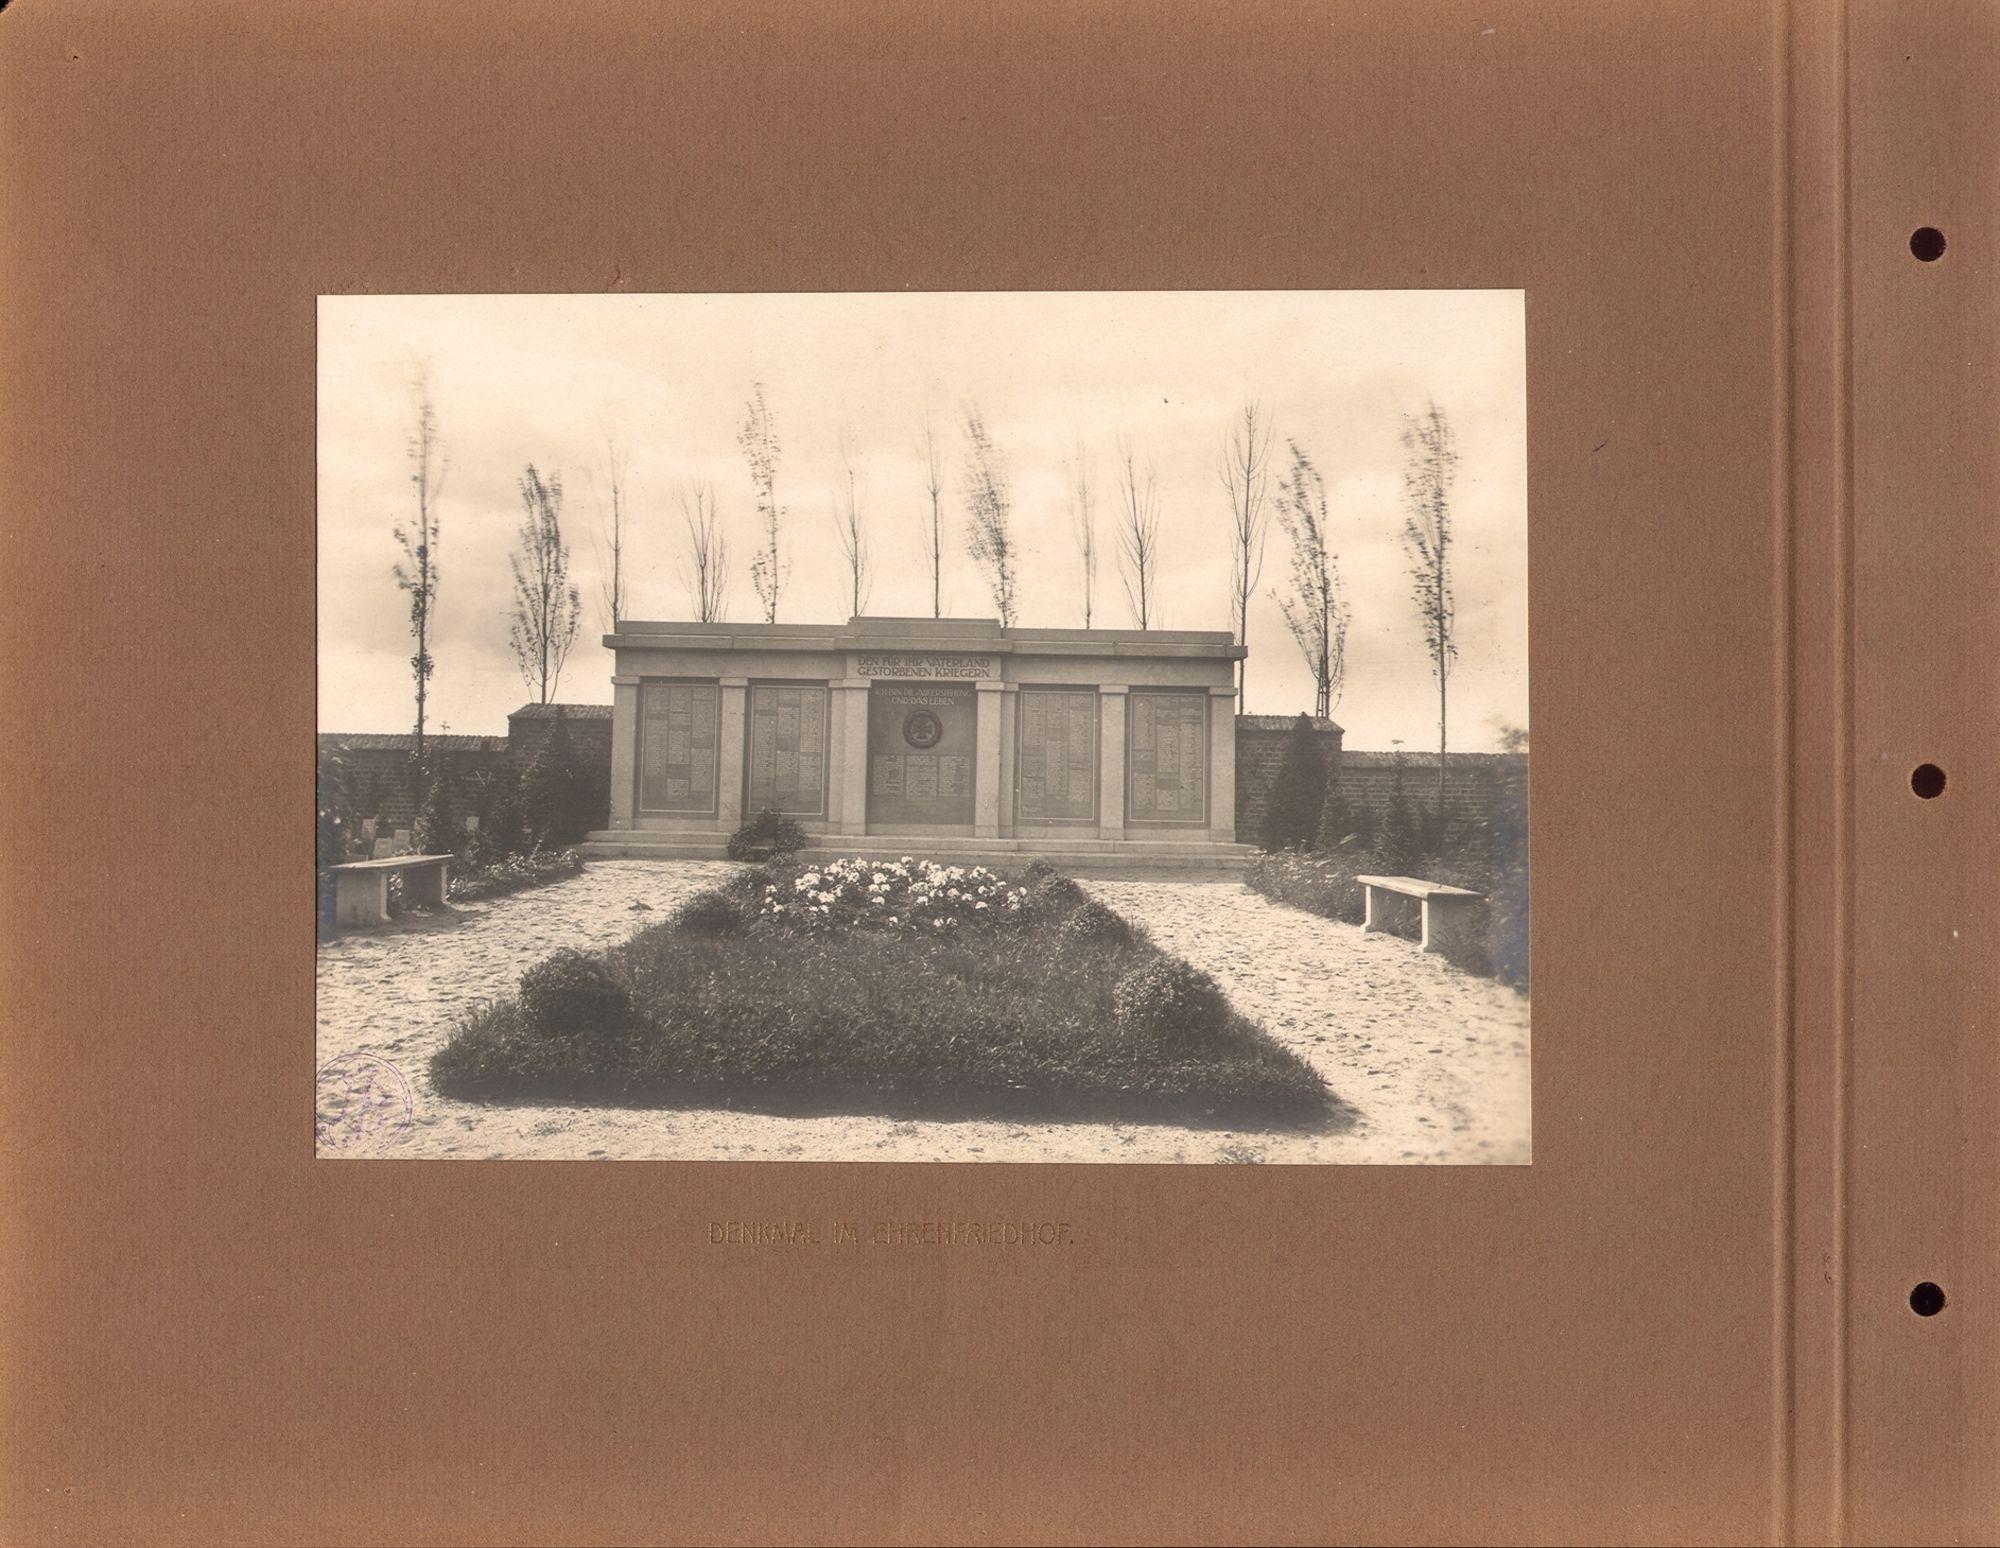 De gedenksteen ter nagedachtenis van de Duitse soldaten die begraven werden in Kortrijk, onthuld op 5 december 1915 gedurende de Eerste Wereldoorlog